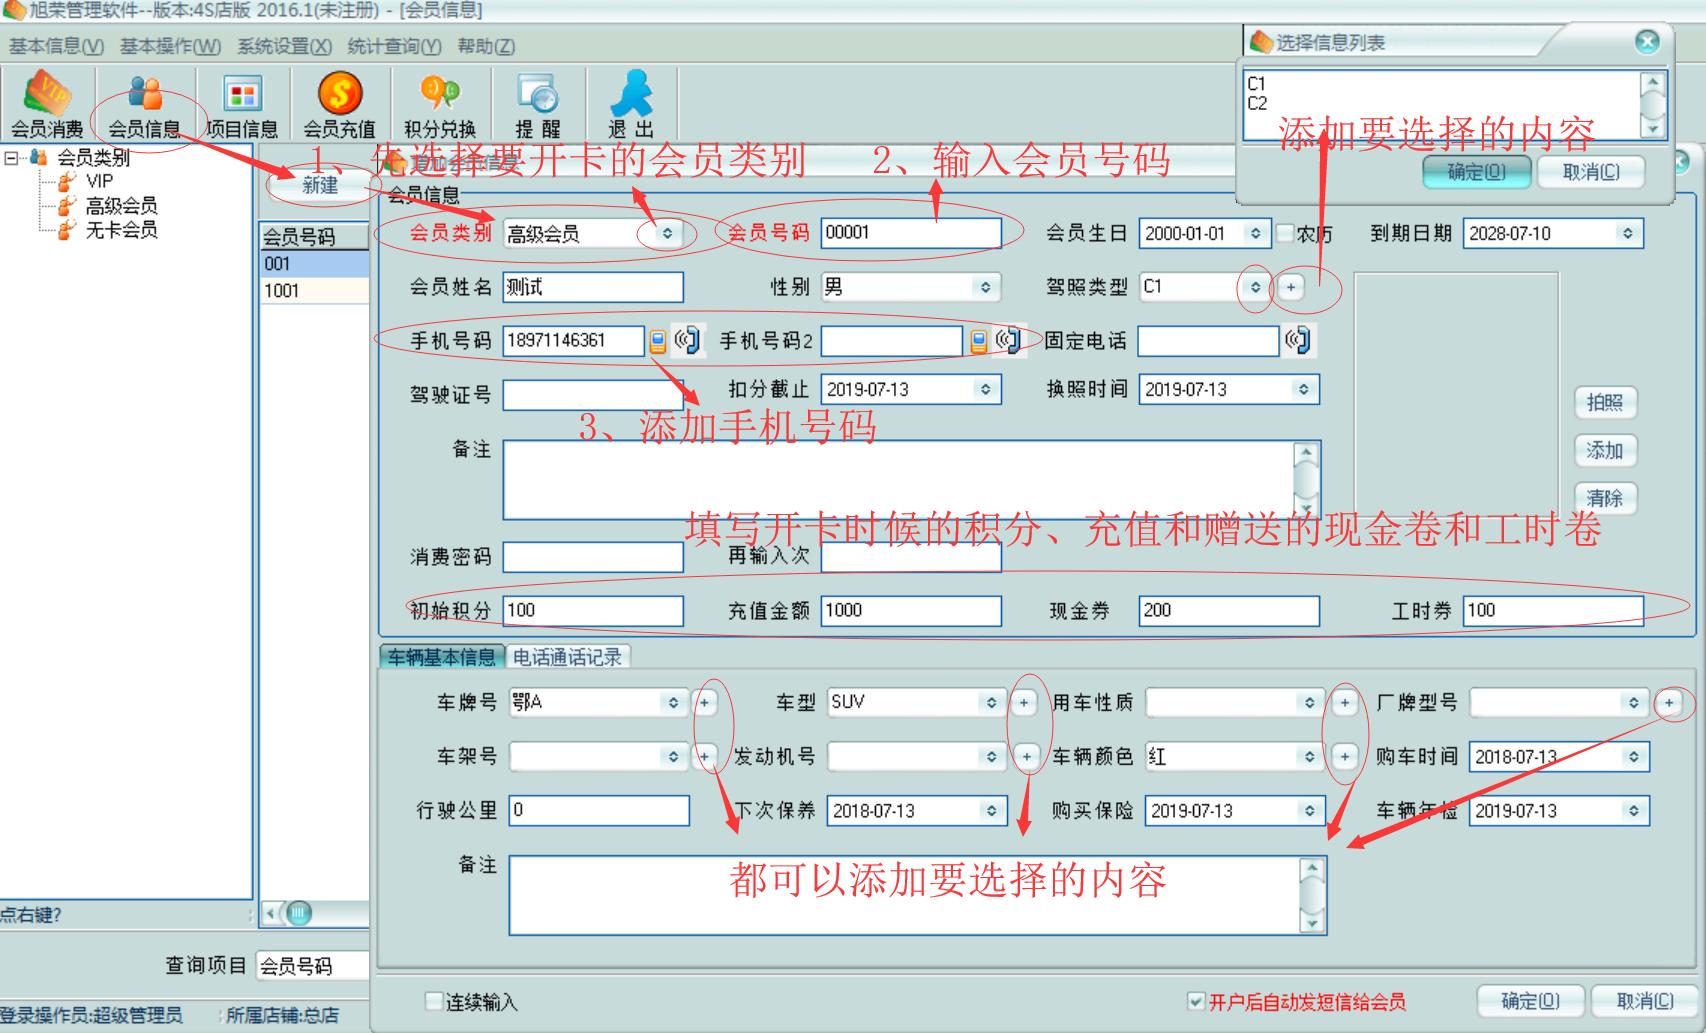 旭荣4S店会员管理系统截图5